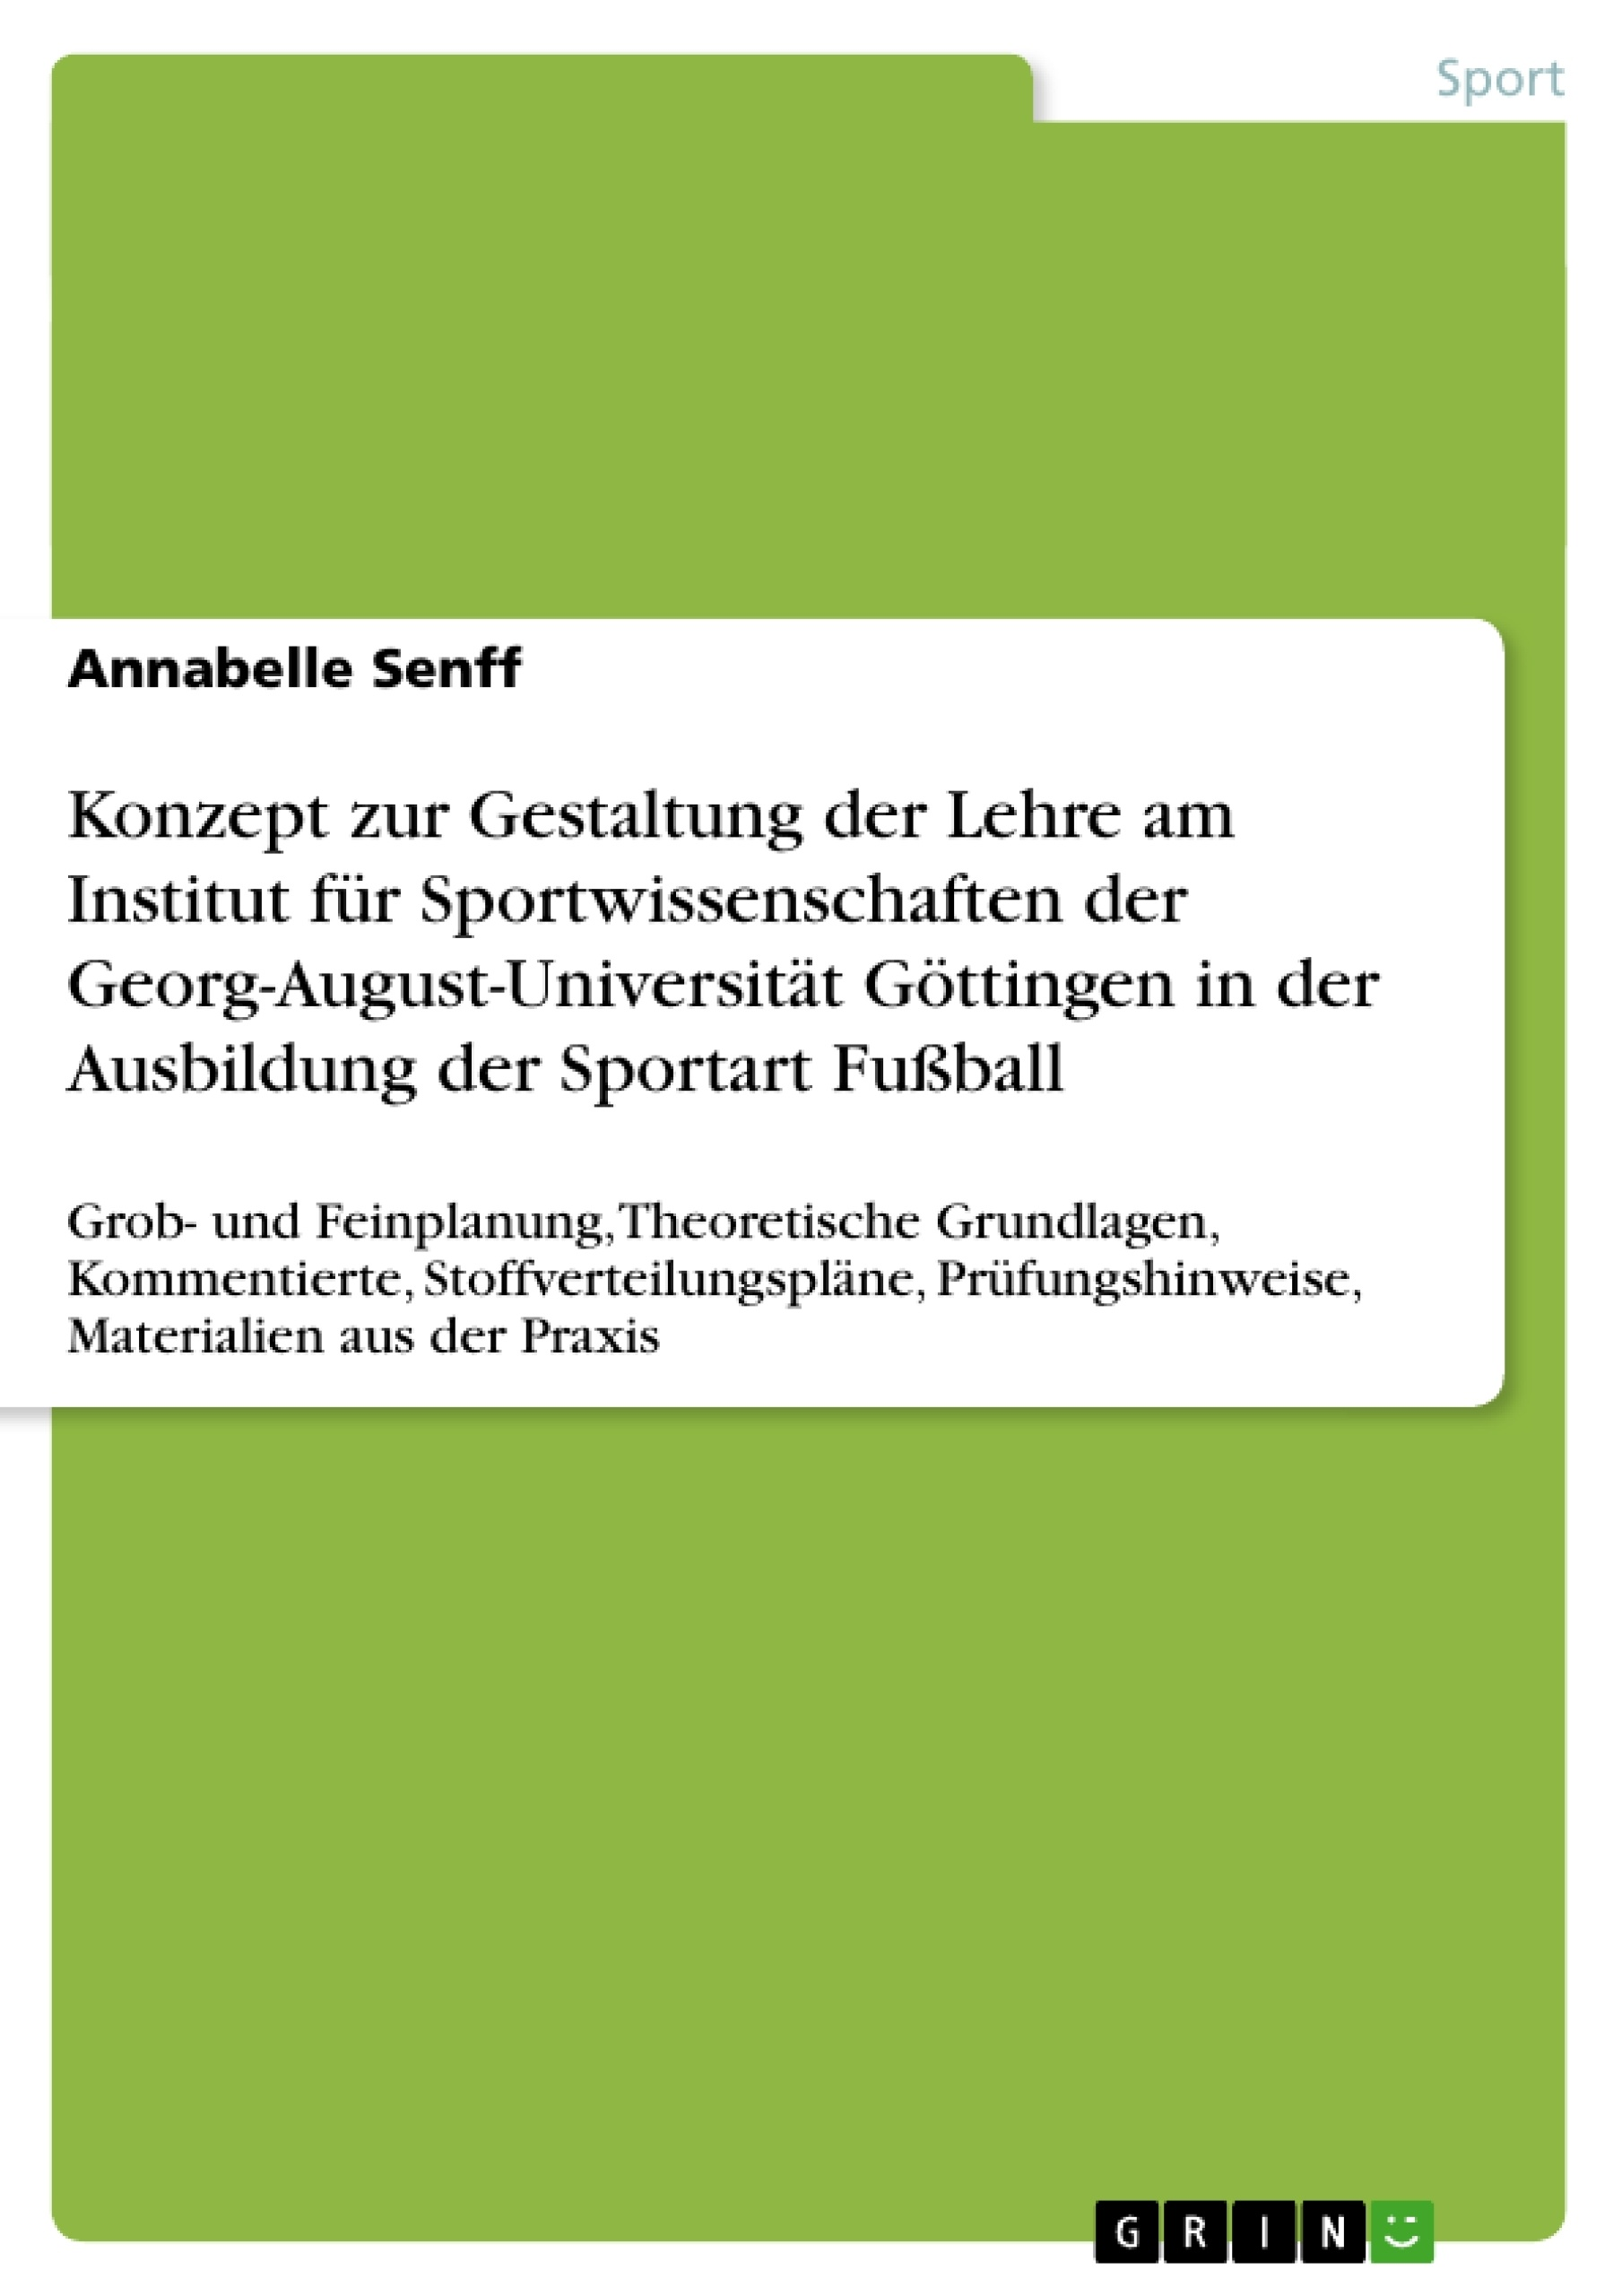 Titel: Konzept zur Gestaltung der Lehre am Institut für Sportwissenschaften der Georg-August-Universität Göttingen in der Ausbildung der Sportart Fußball